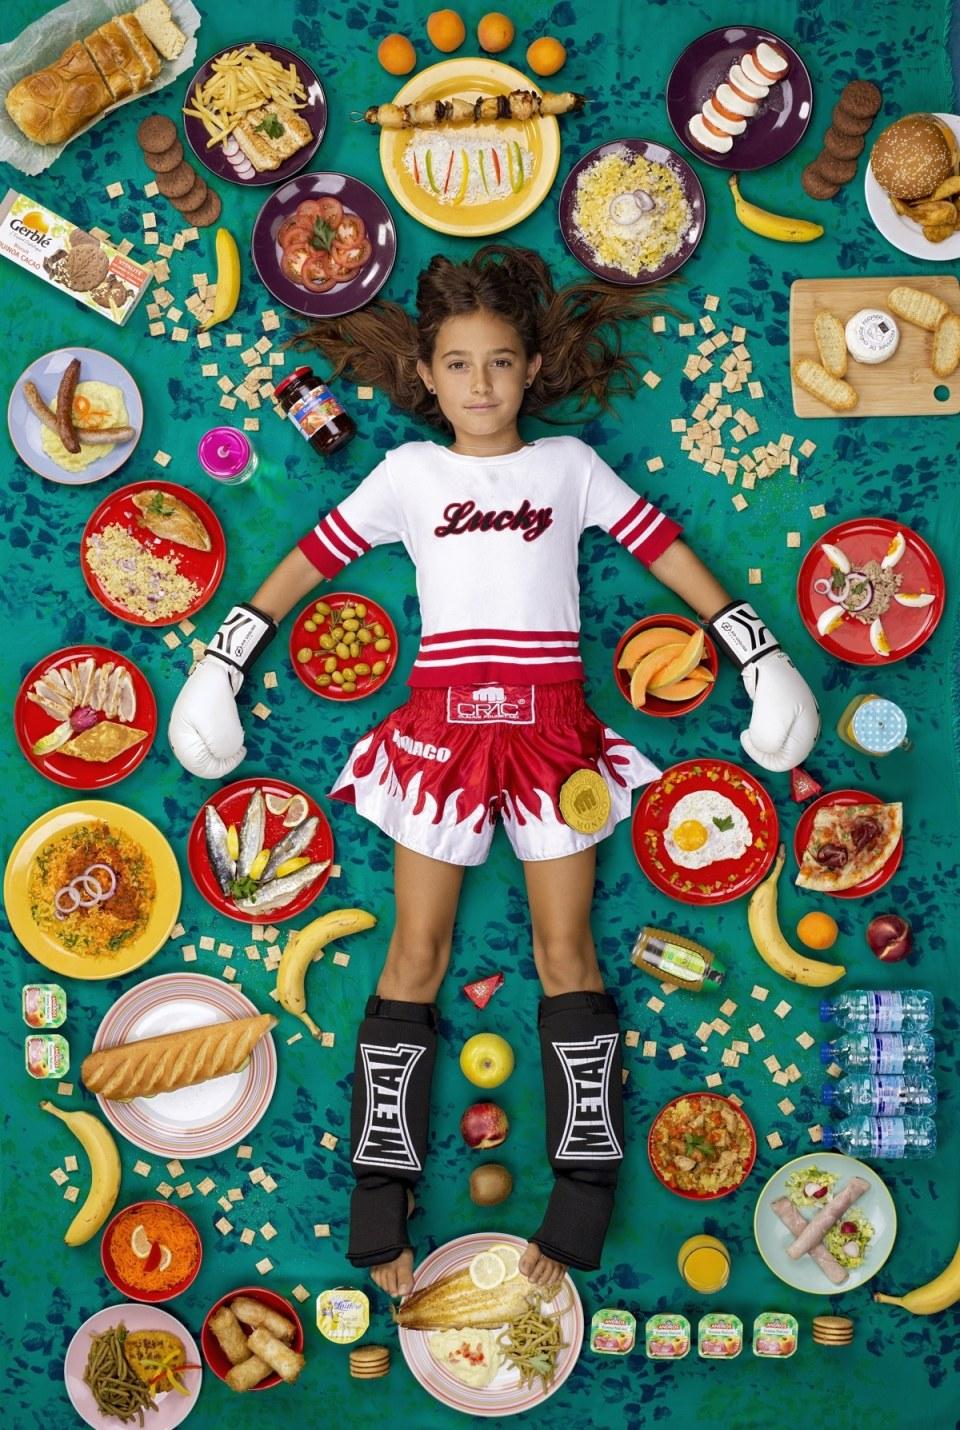 What do kids around the world eat?